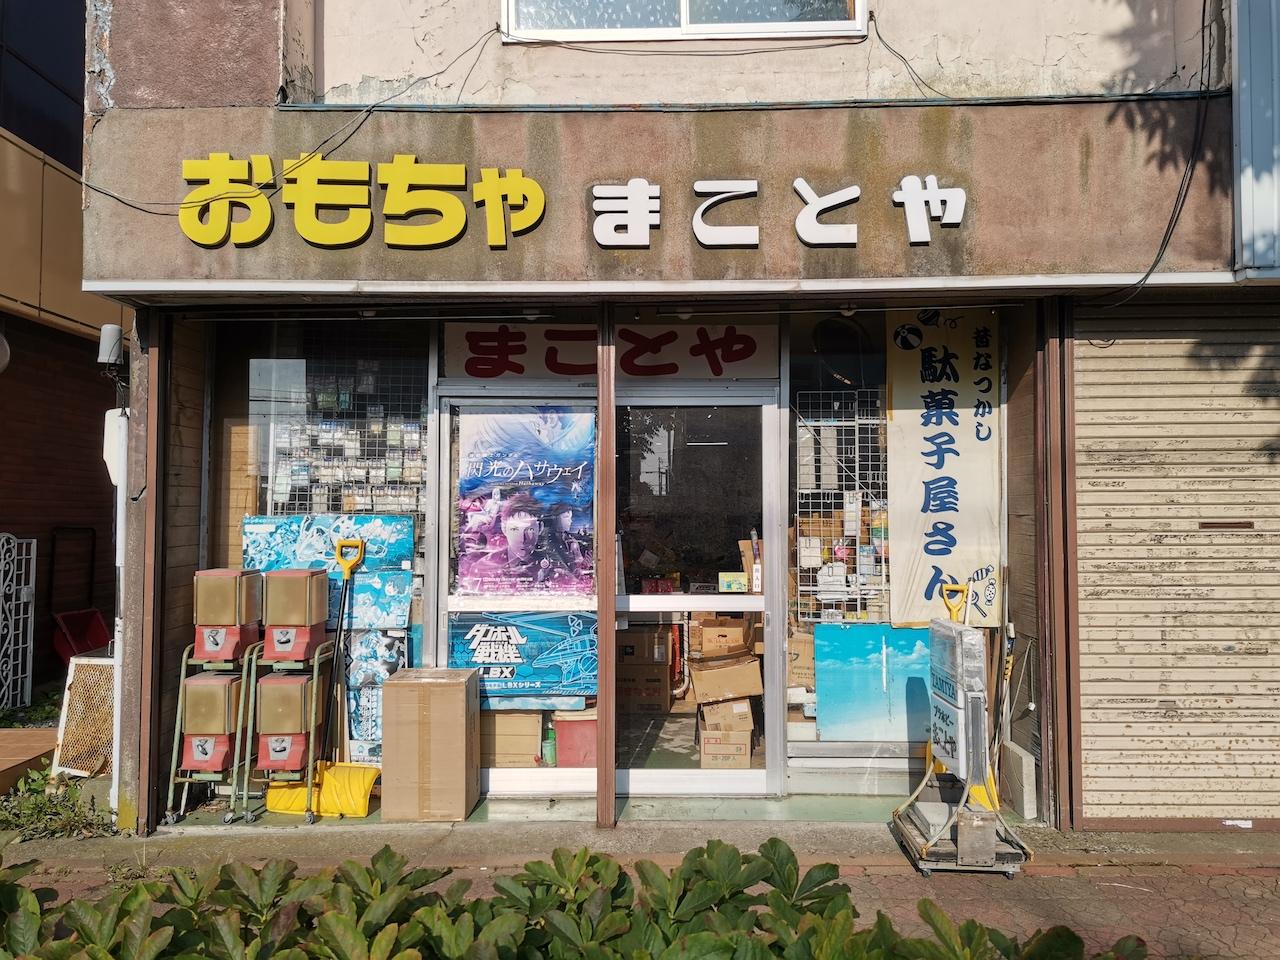 【宮永篤史の駄菓子屋探訪8】北海道釧路市「まことやがん具店」店名と家訓が次の世代へ受け継がれていく店 画像8